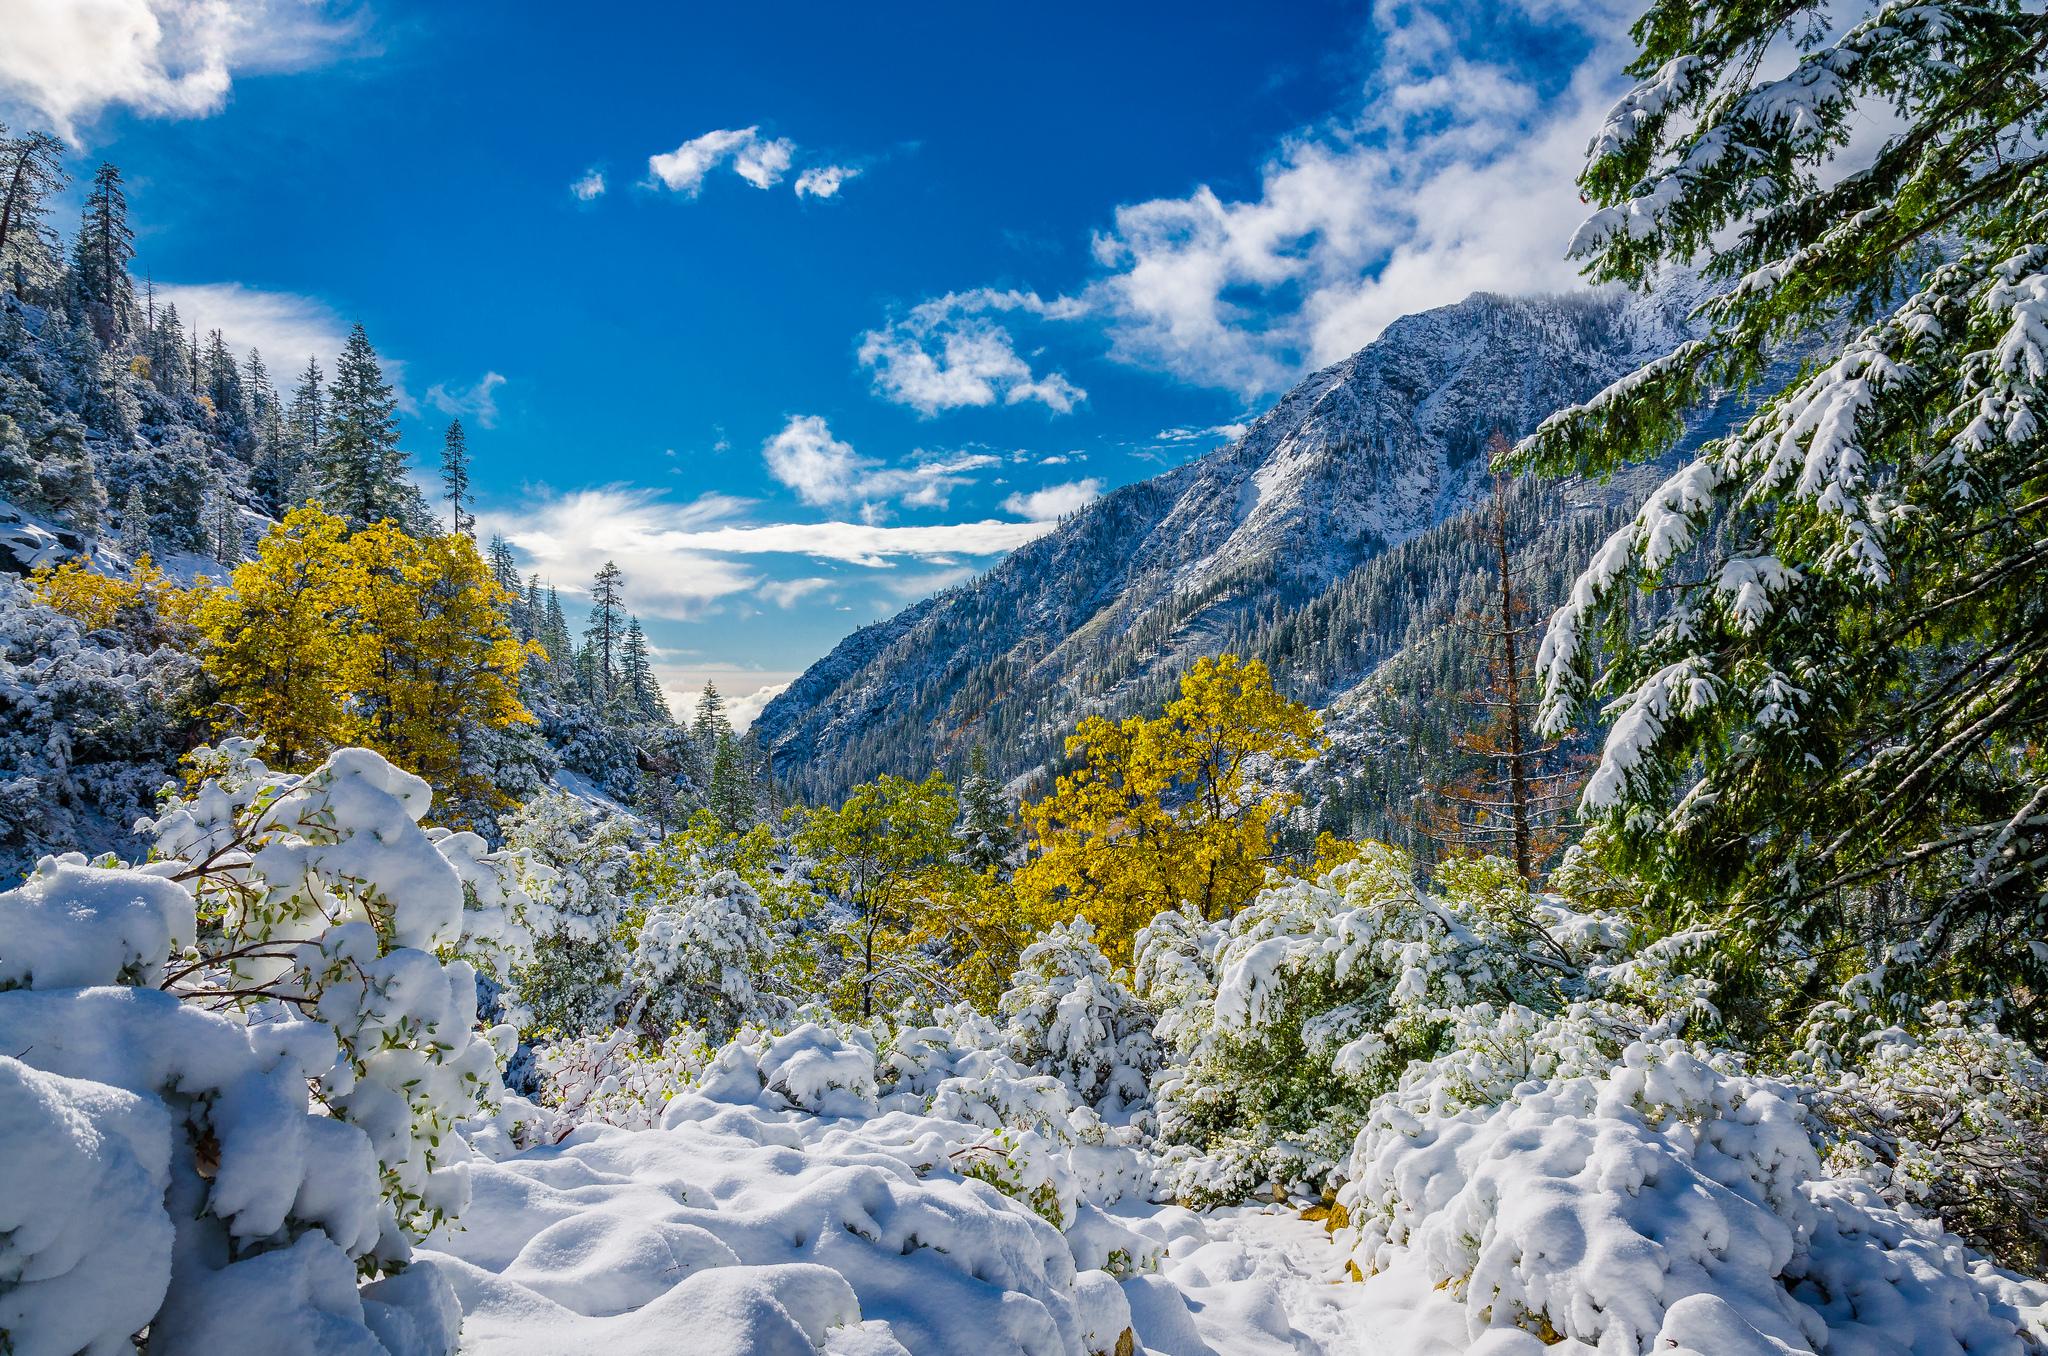 природа скалы деревья горы снег зима nature rock trees mountains snow winter  № 455860 загрузить